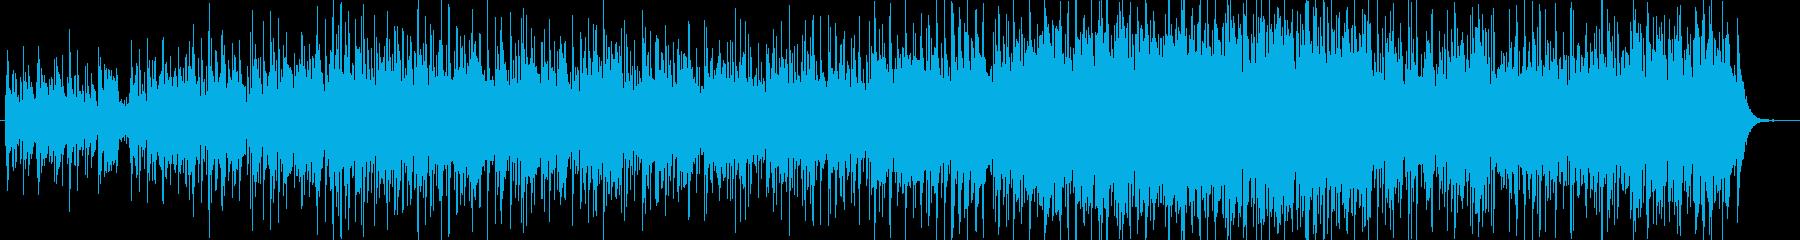 中世ファンタジー・リュートの再生済みの波形